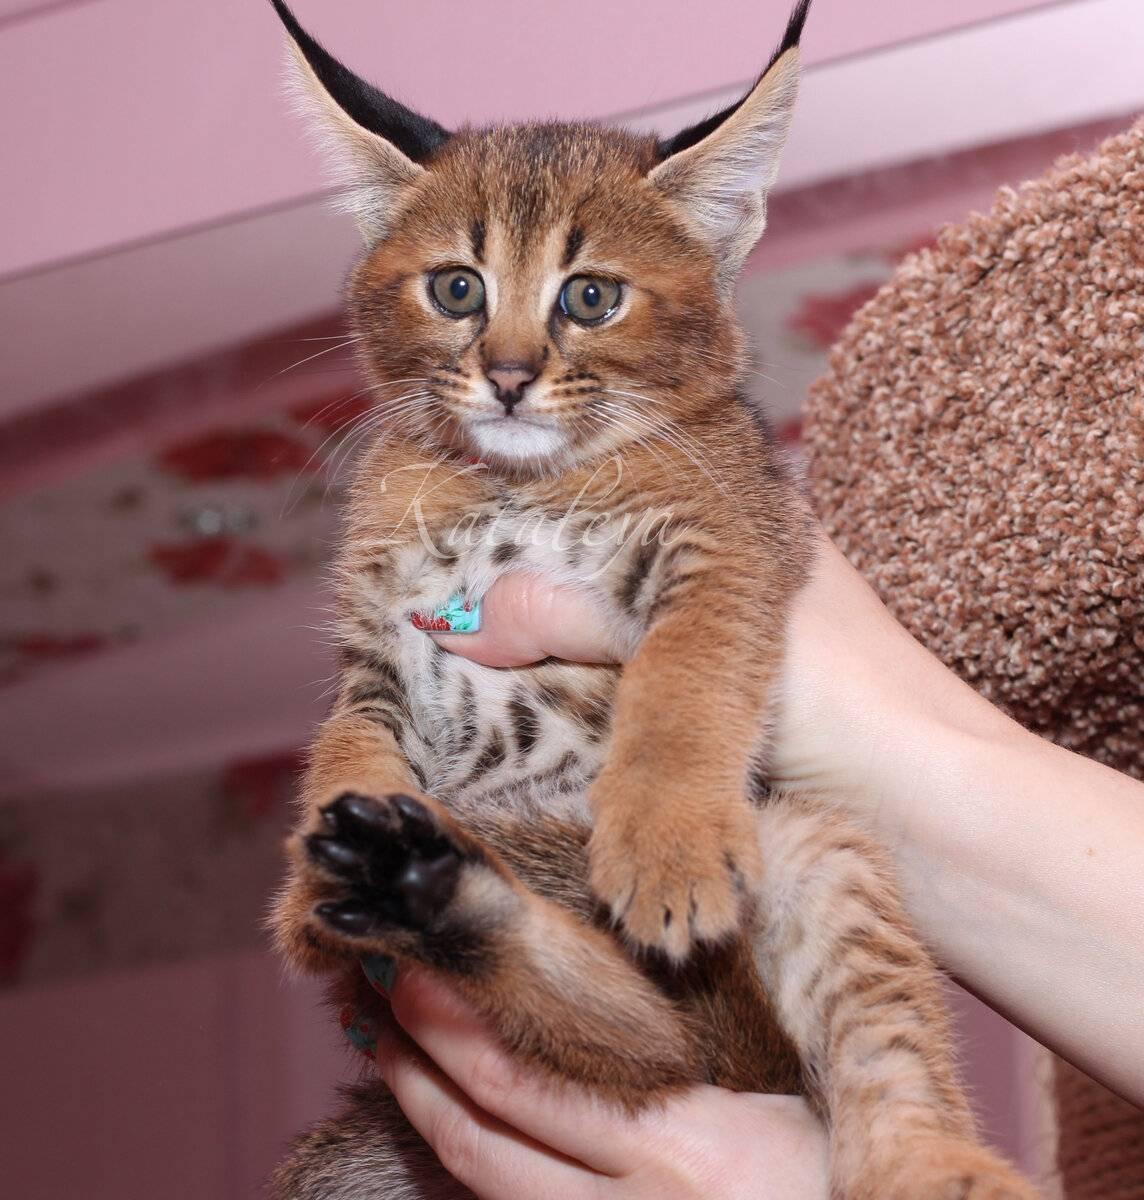 Уникальные породы кошек с фотографиями и названия: какие виды домашних любимиц самые редкие в мире?